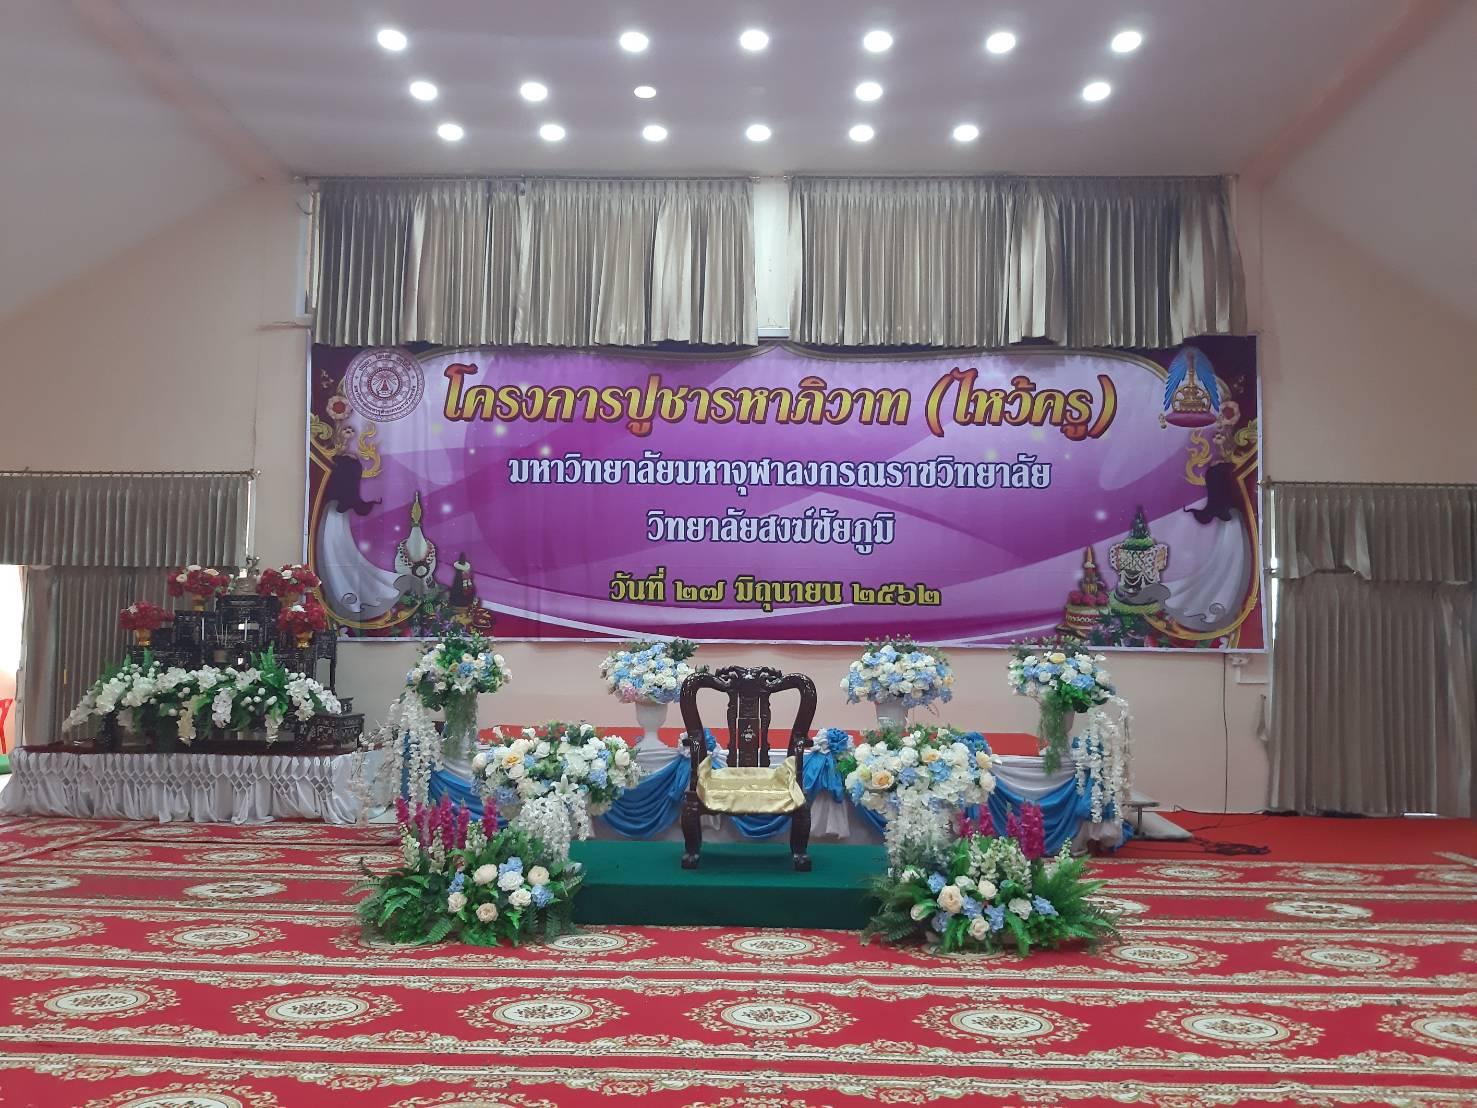 โครงการปูชารหาภิวาท (ไหว้ครู) ปีการศึกษา 2562